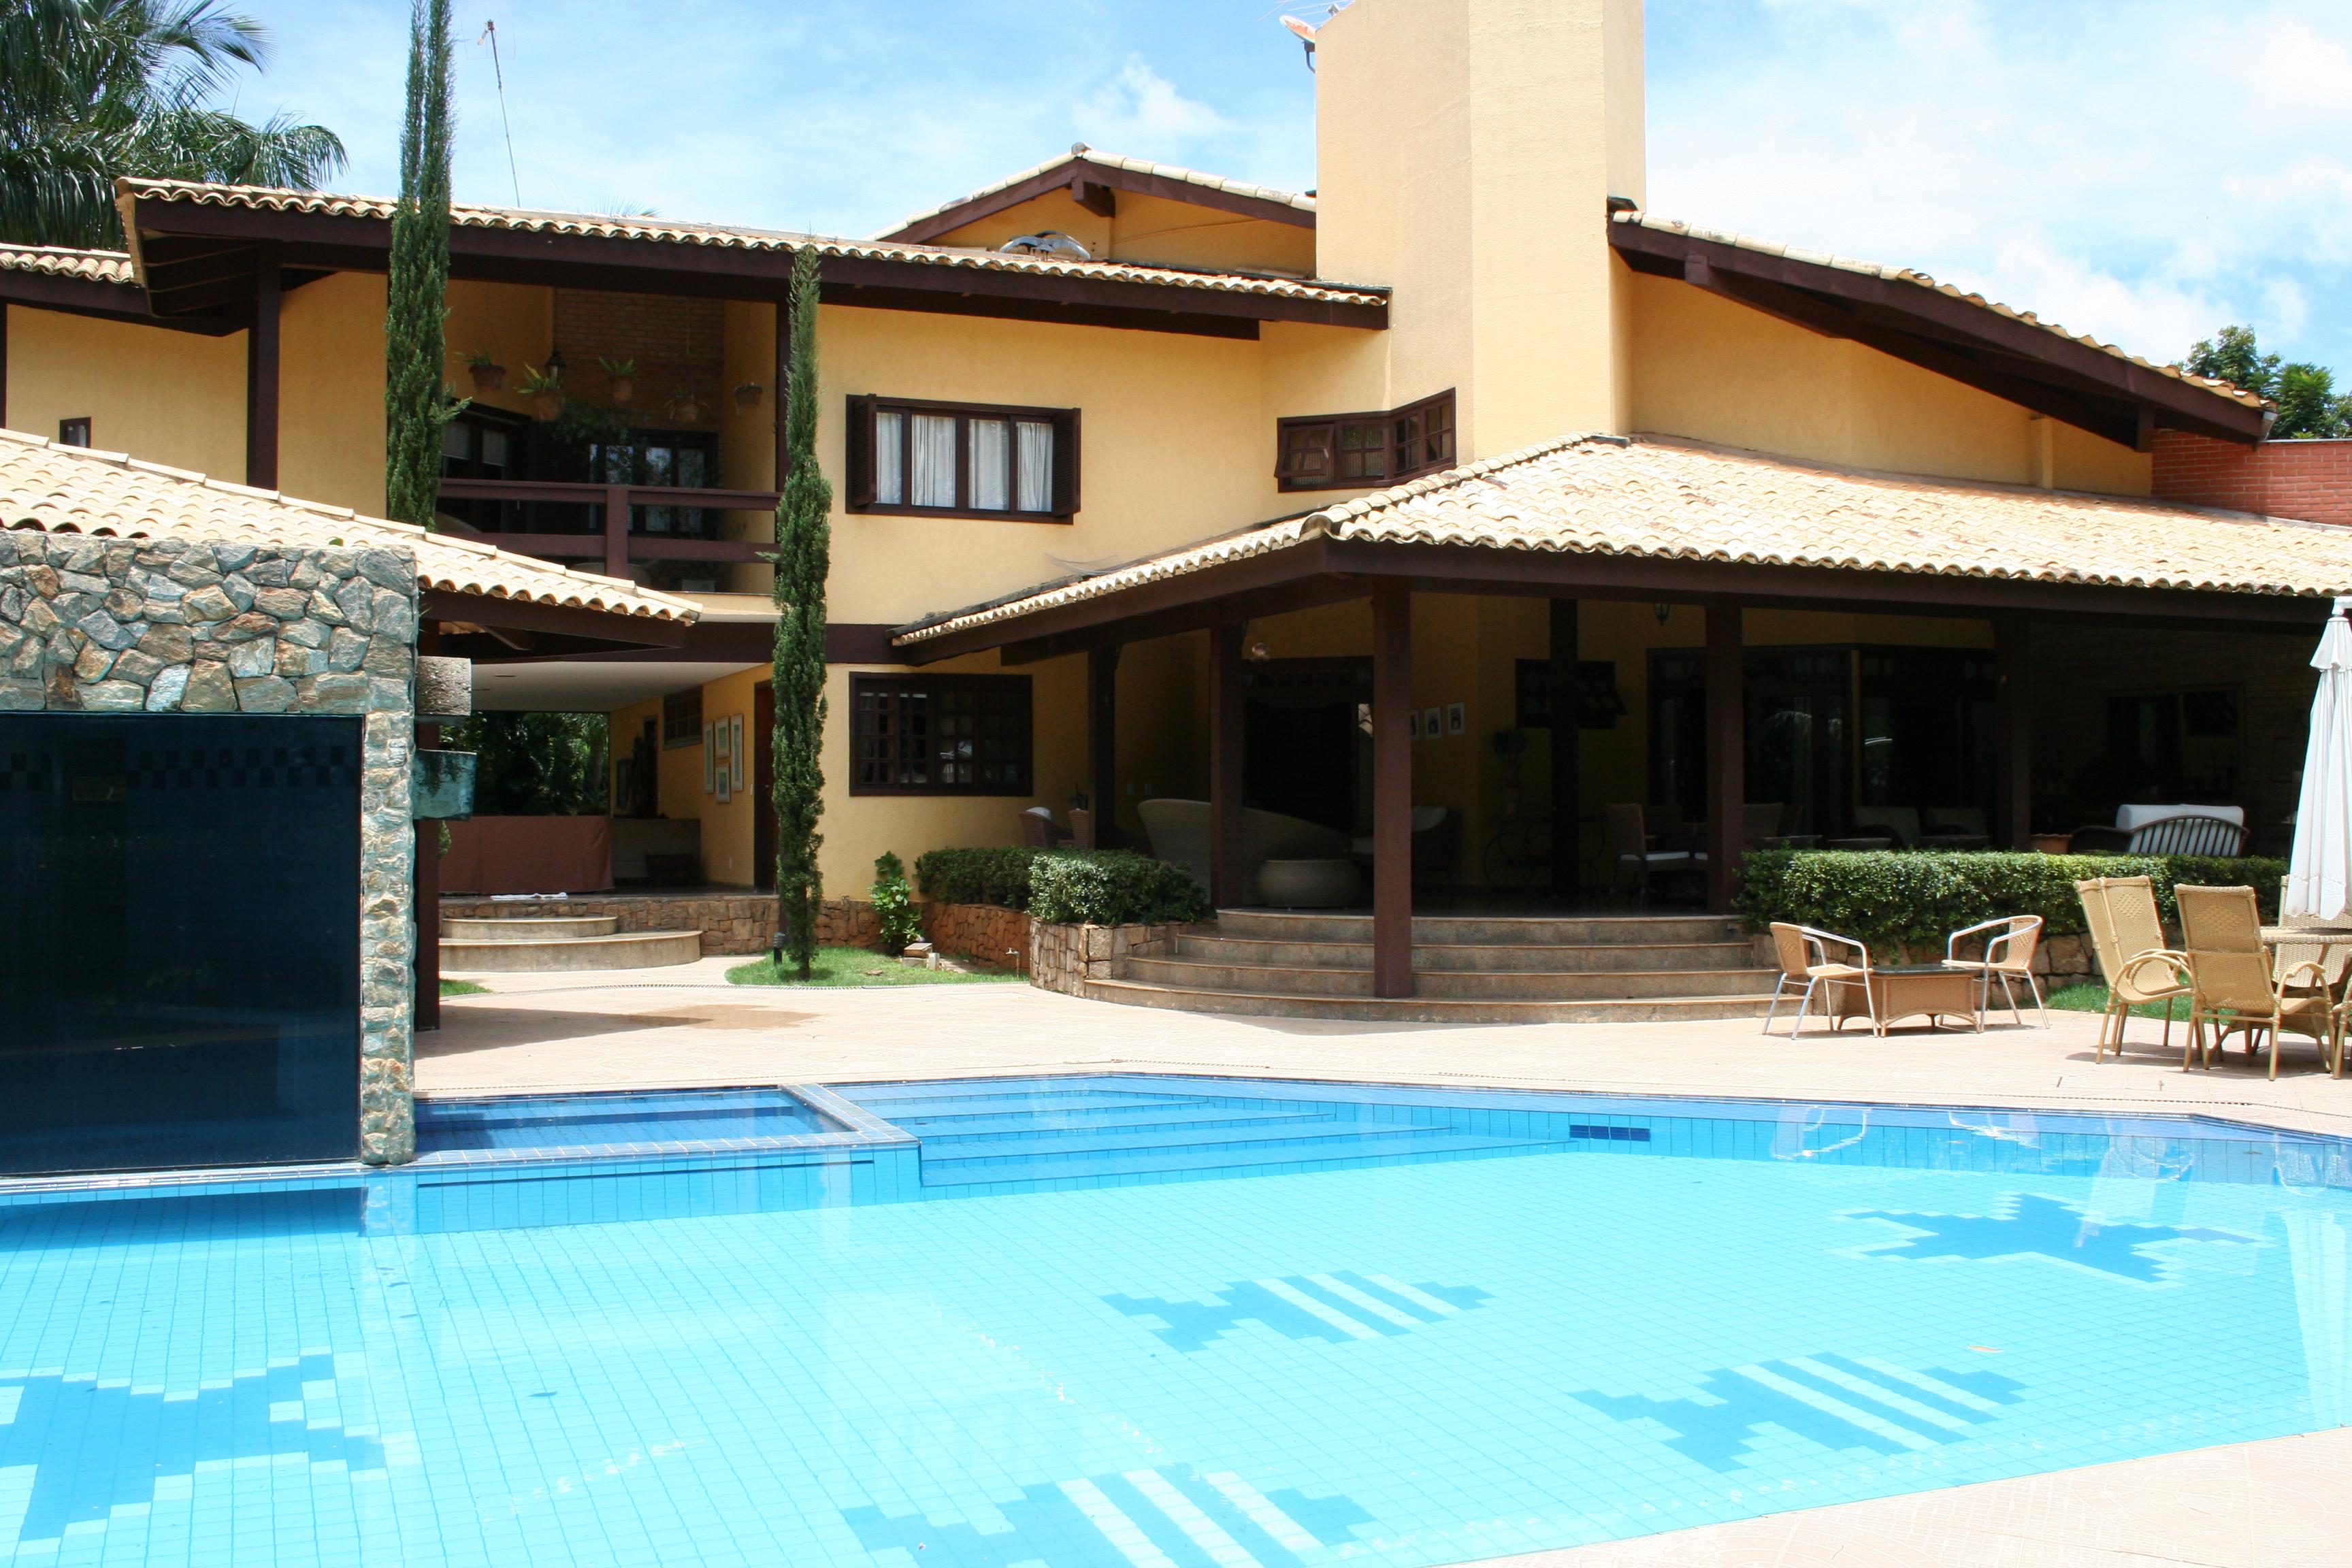 CASAS EM COND FECHADO  Condominio horizontal+Compra  Venda